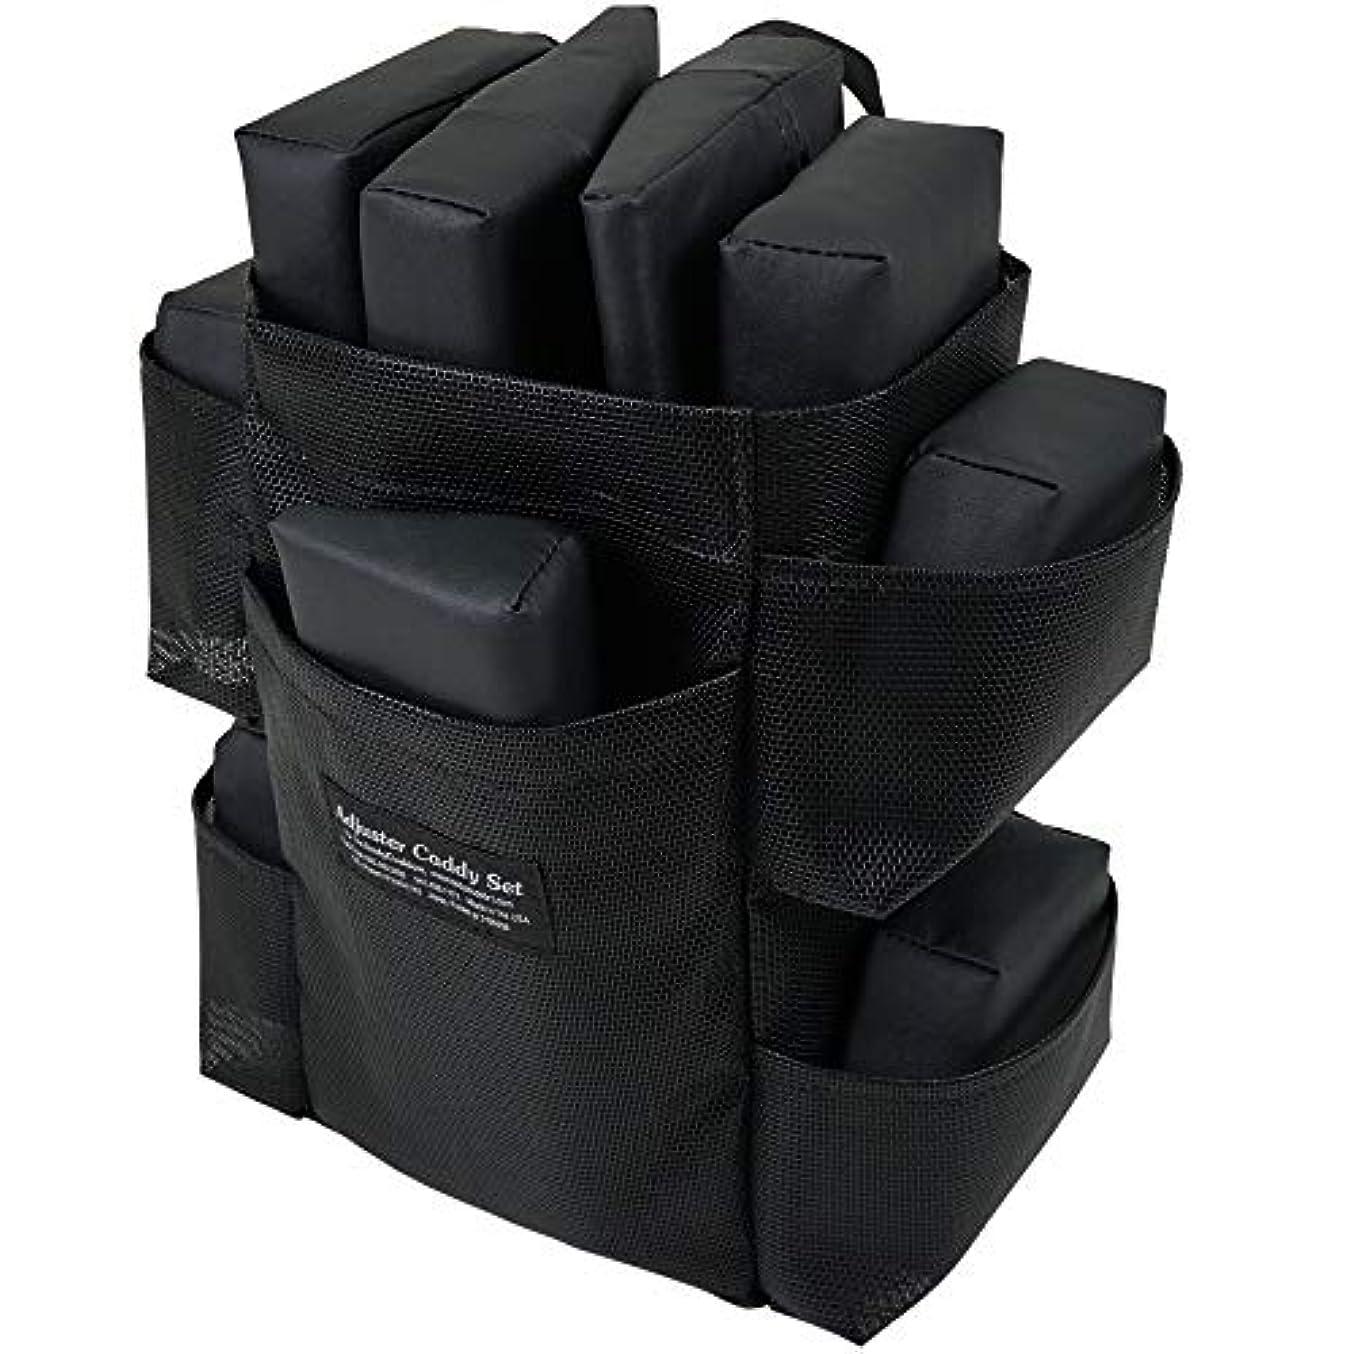 リース枠ファントムピースバッグセット ボディークッション 用 の エクステンダーピース と アジャスターピース バッグ付き